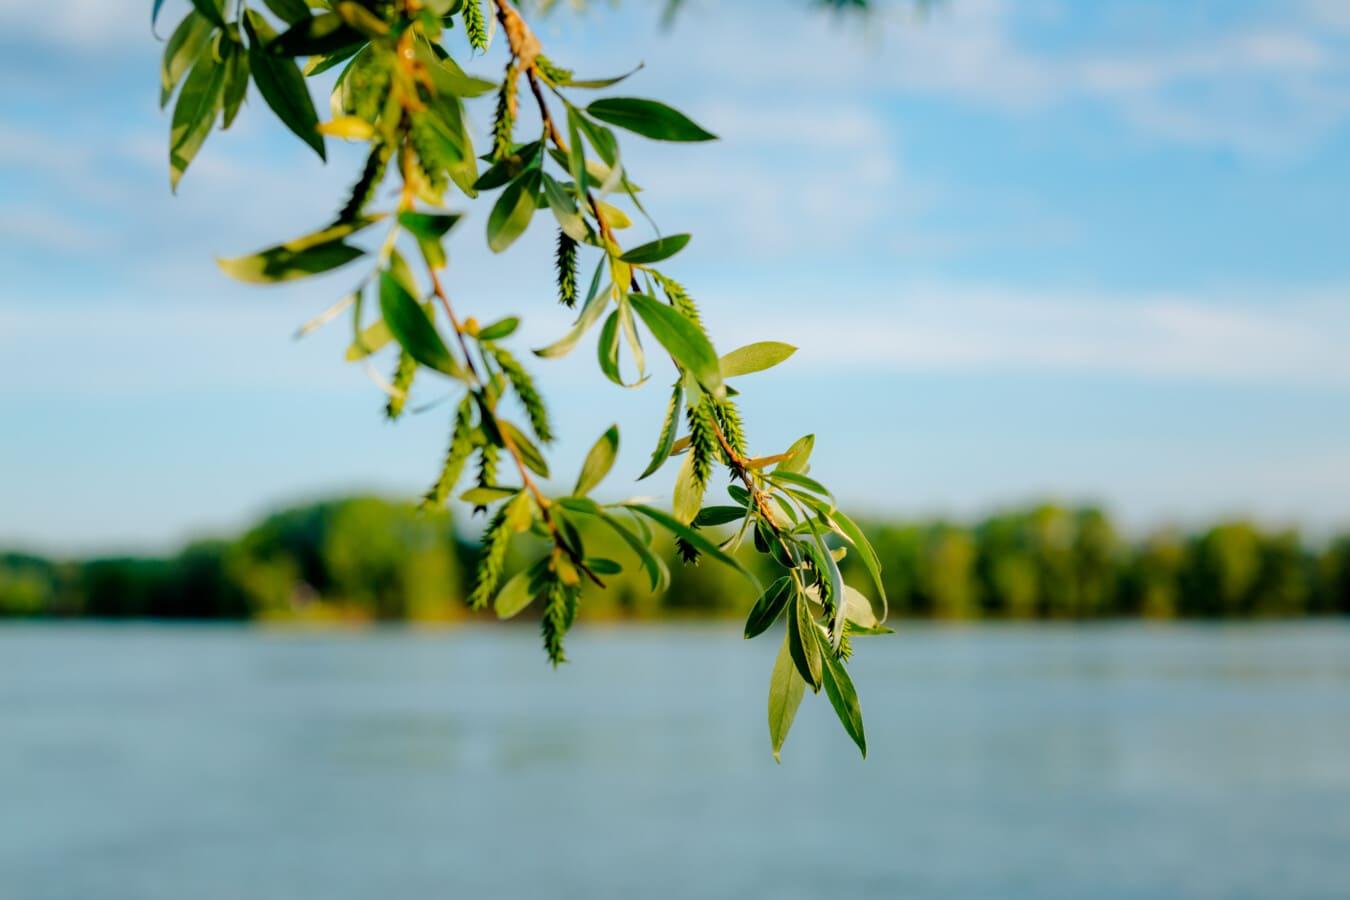 brindille, feuilles vertes, rivière, berge, en plein air, arbre, plante, nature, feuille, eau